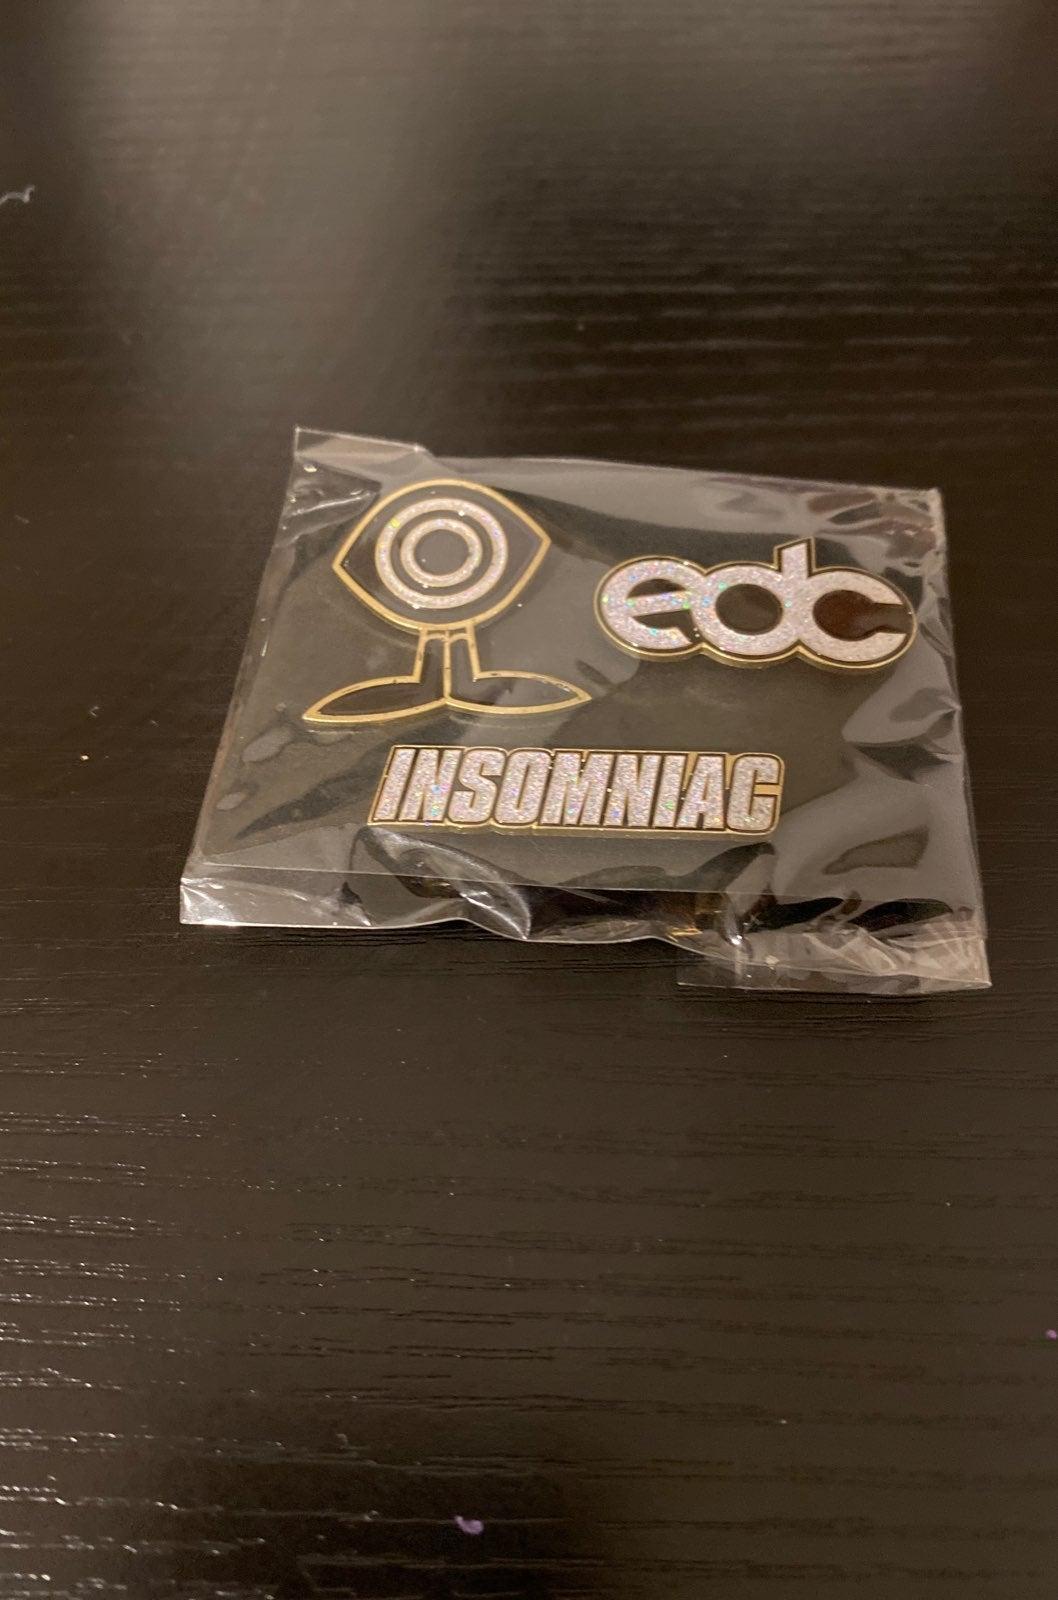 EDC Insomniac pins